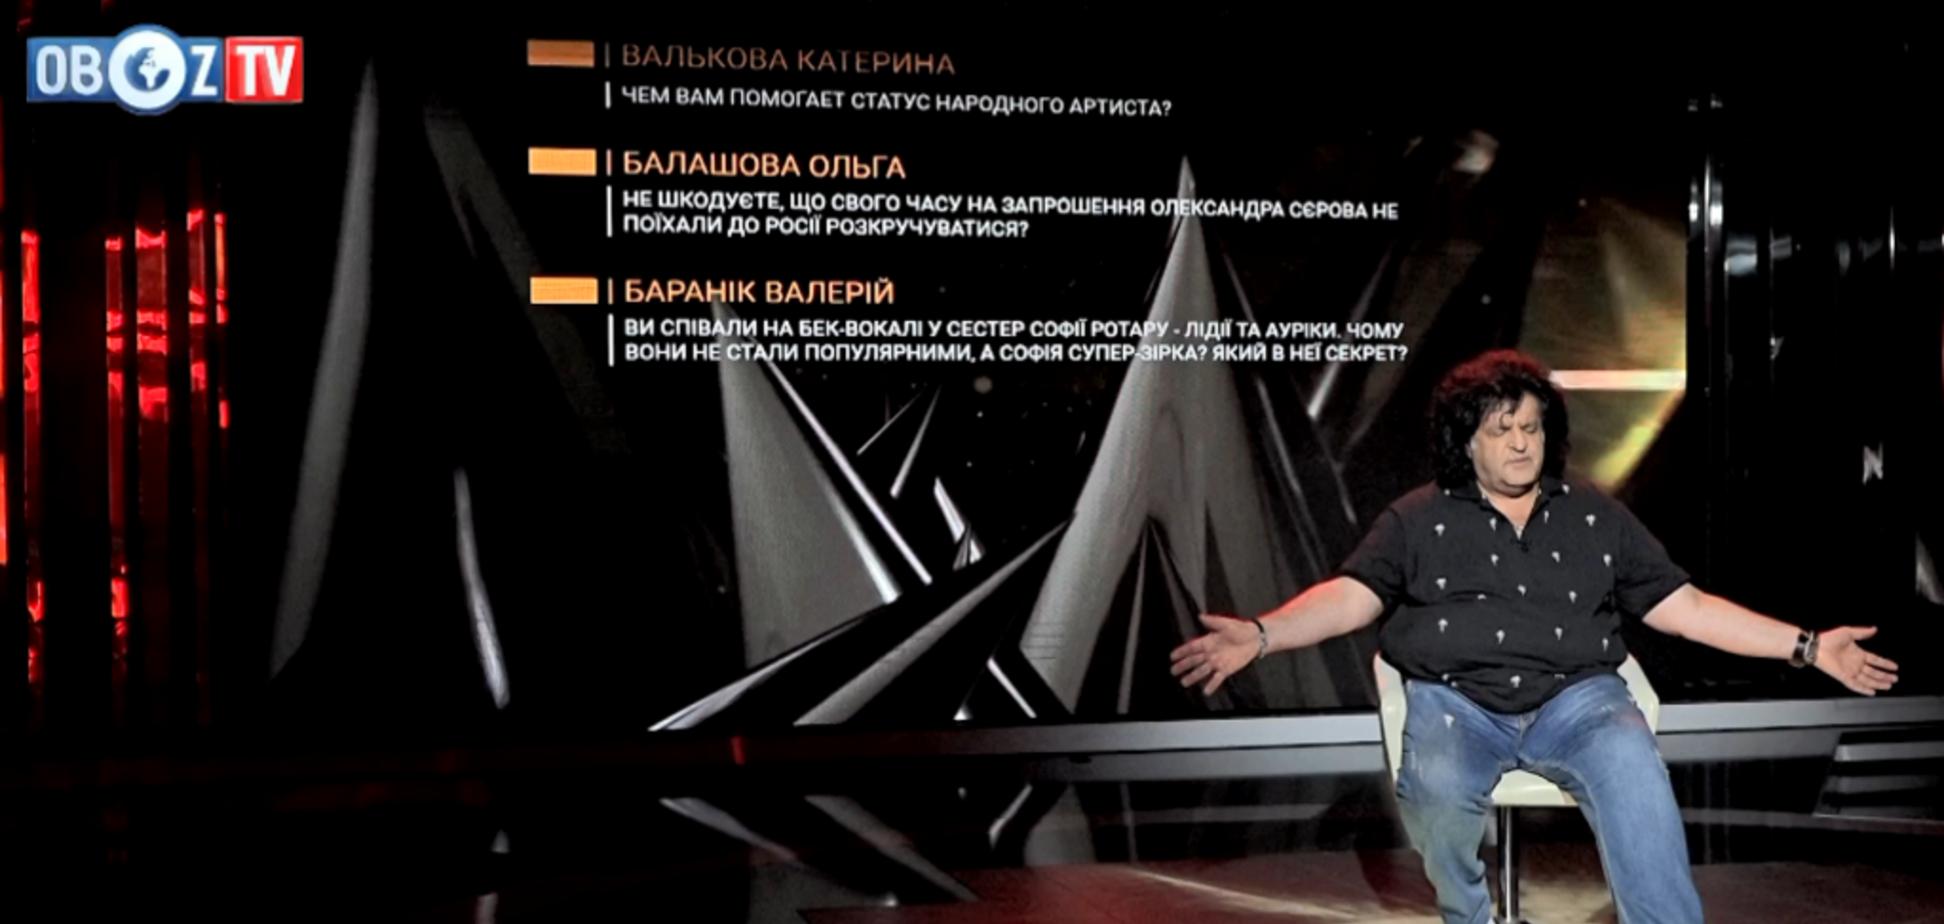 'Пощечина для певца': Иво Бобул жестко прошелся по Поплавскому